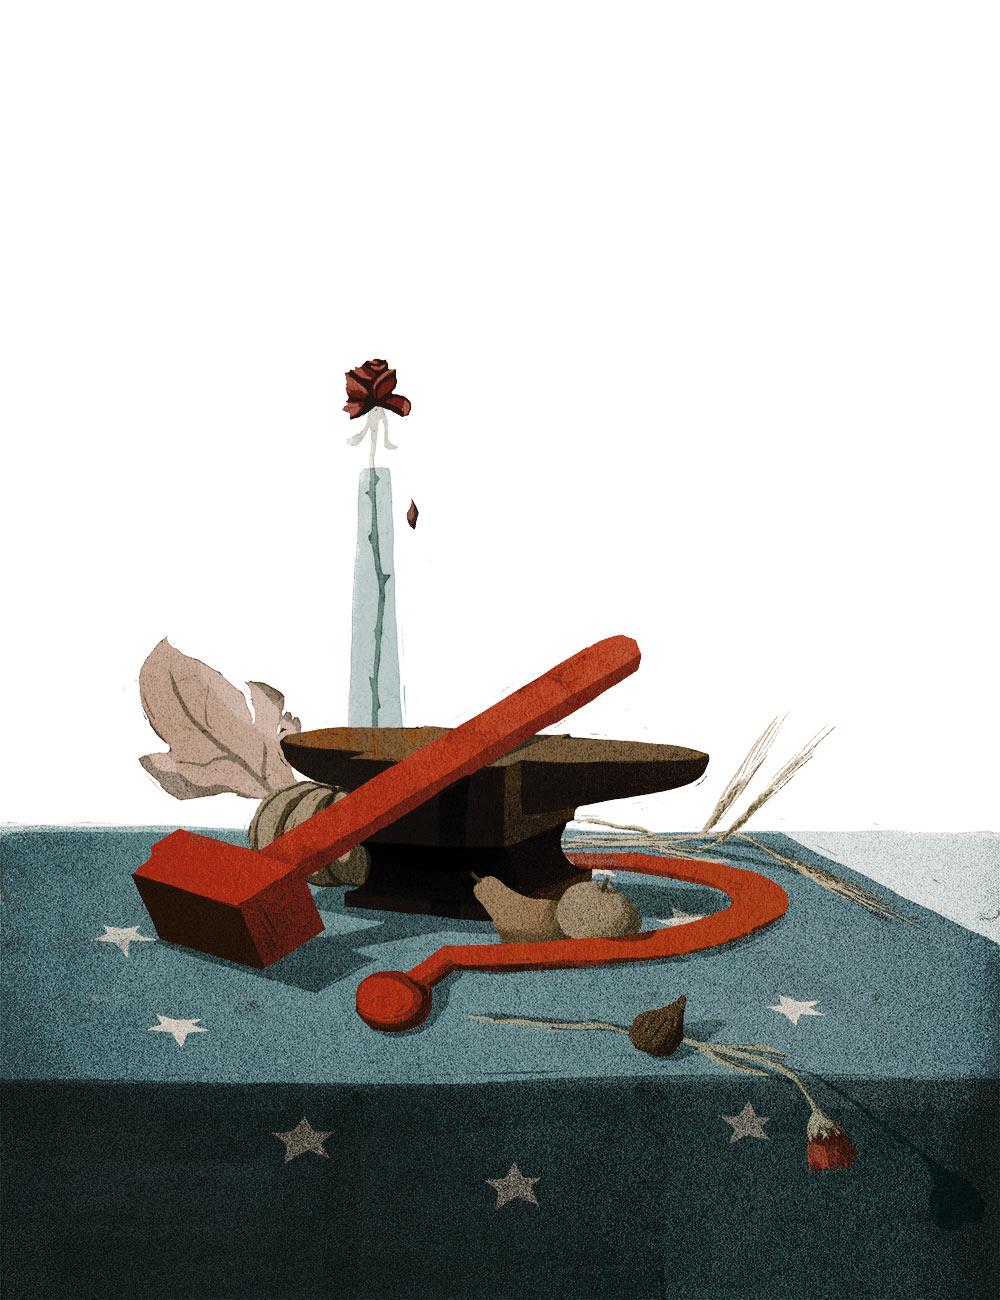 Le illustrazioni concettuali di Paolo Beghini | Collater.al 4